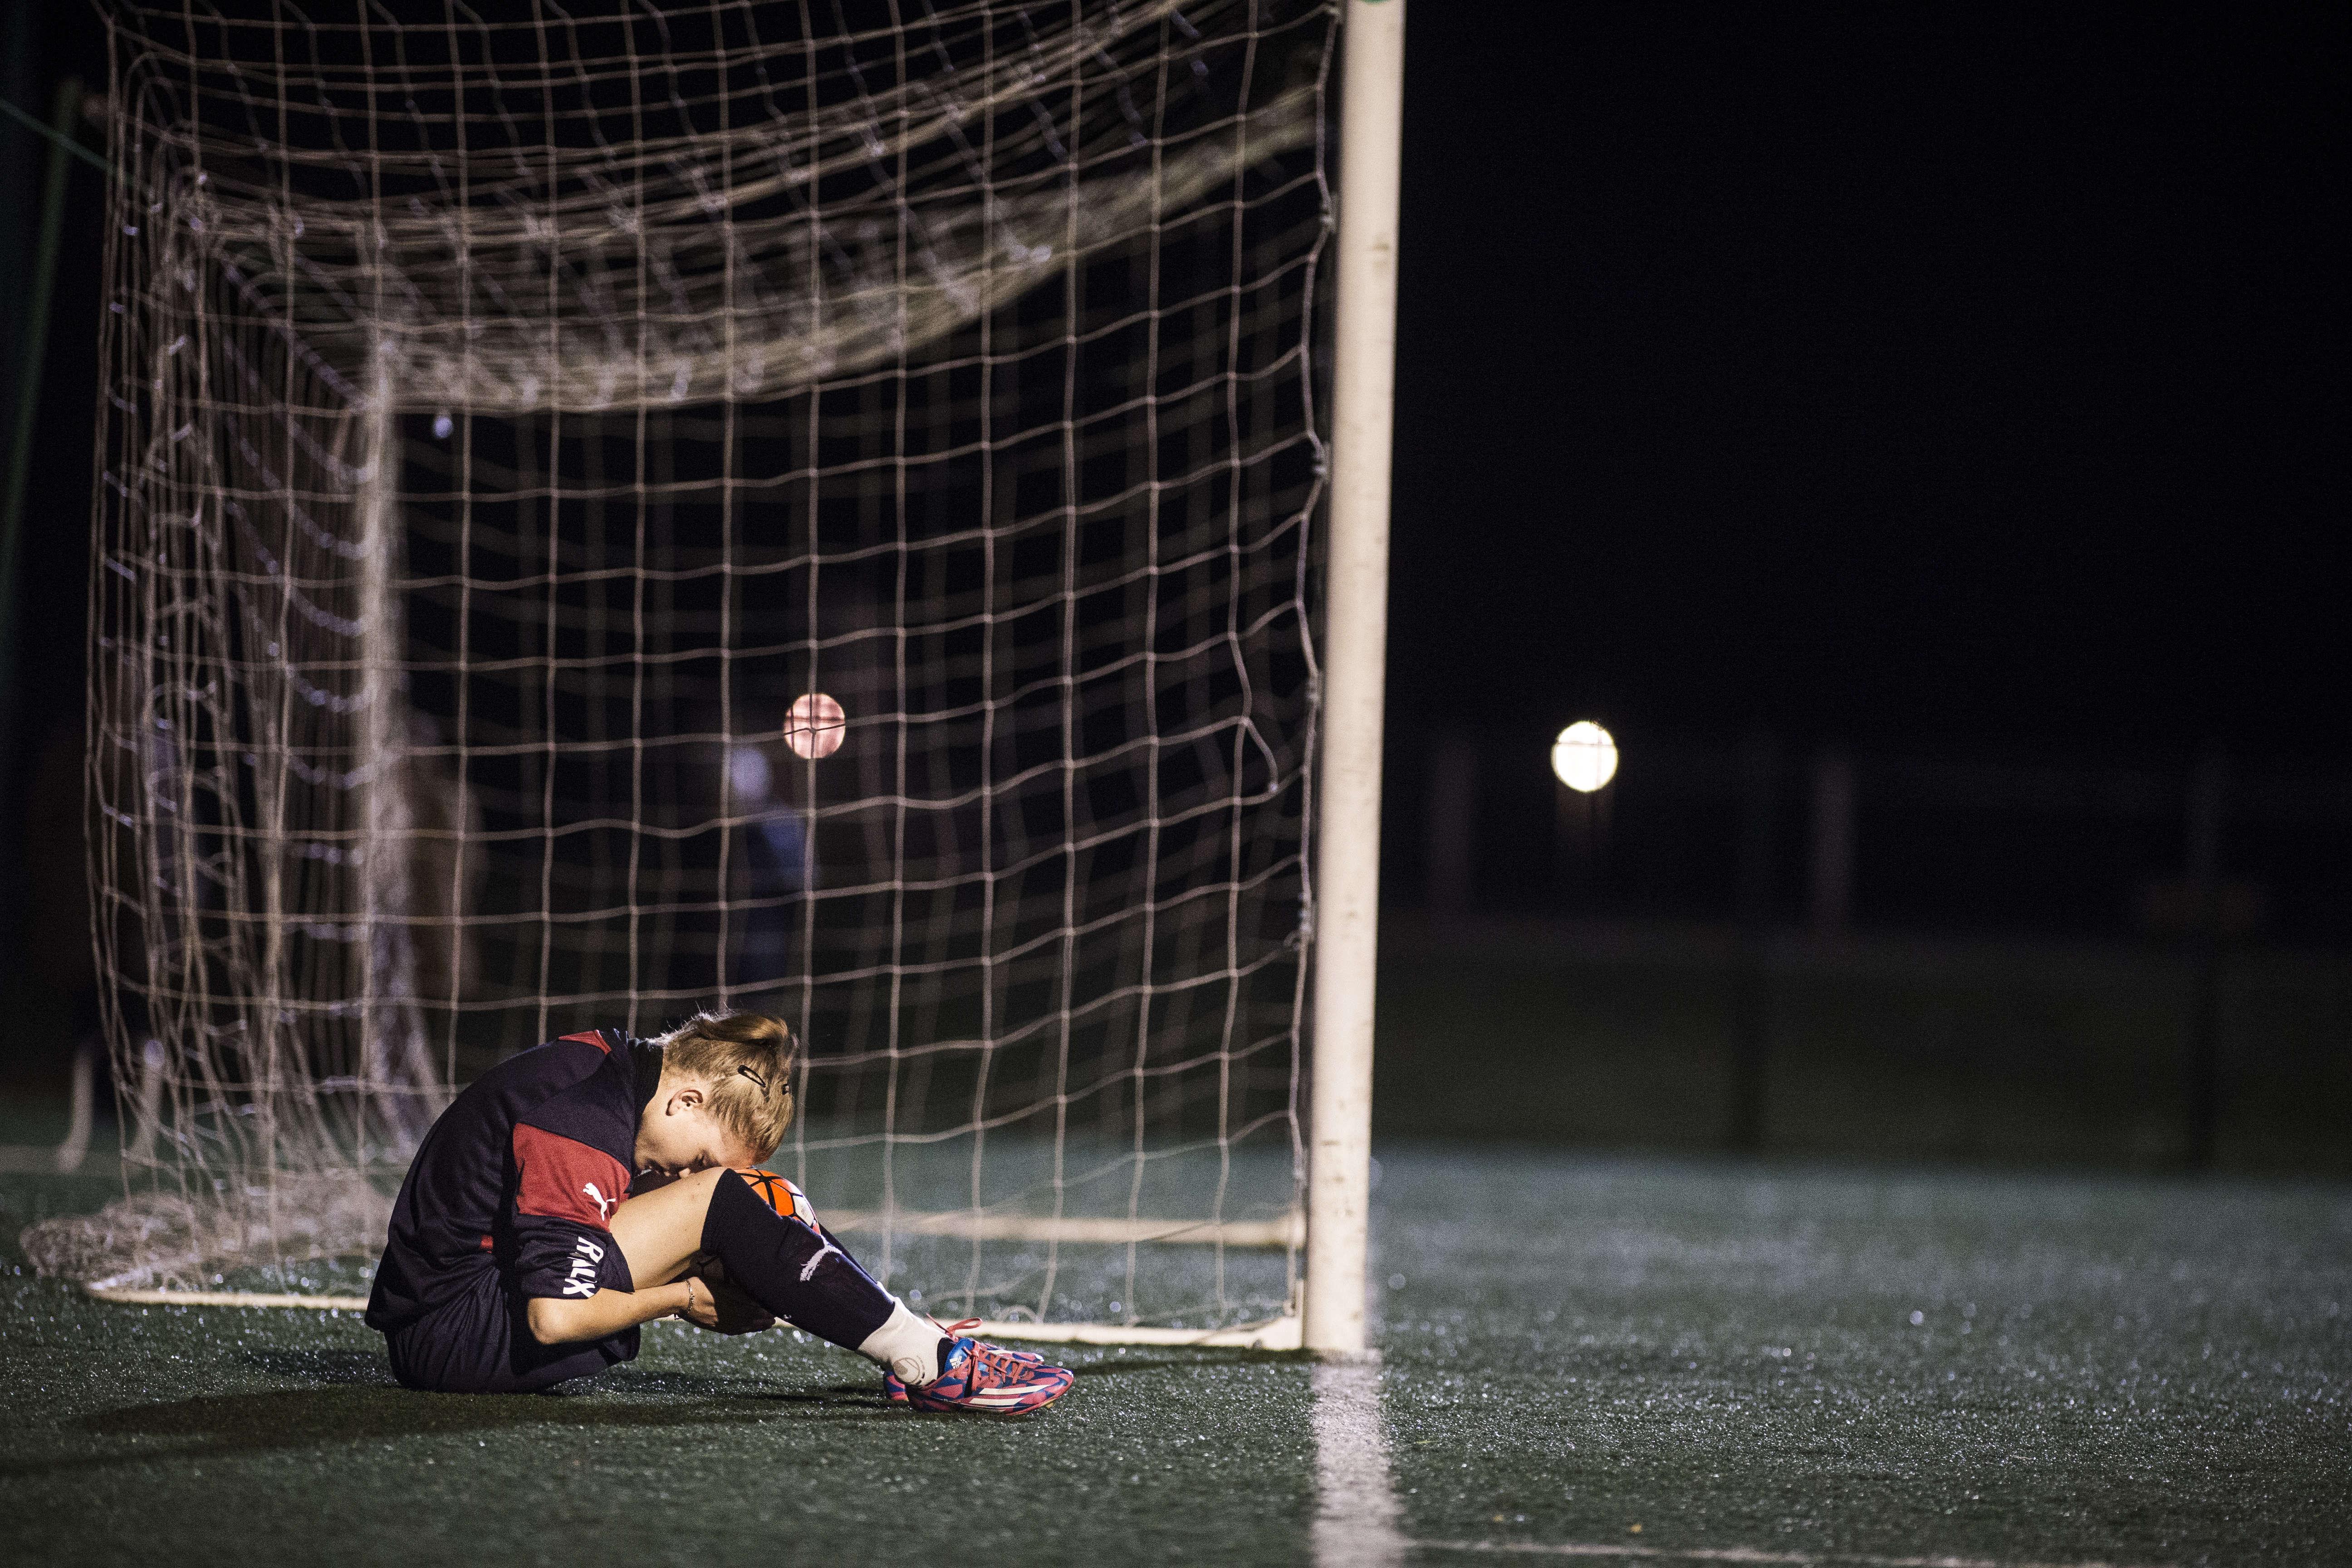 Nouvelles venues dans le football féminin, les Girondines de Bordeaux s'entraînent une fois par semaine au Haillan, centre d'entraînement historique des Girondins. Le reste du temps, les joueuses de division 2 évoluent à Blanquefort, en banlieue bordelaise.